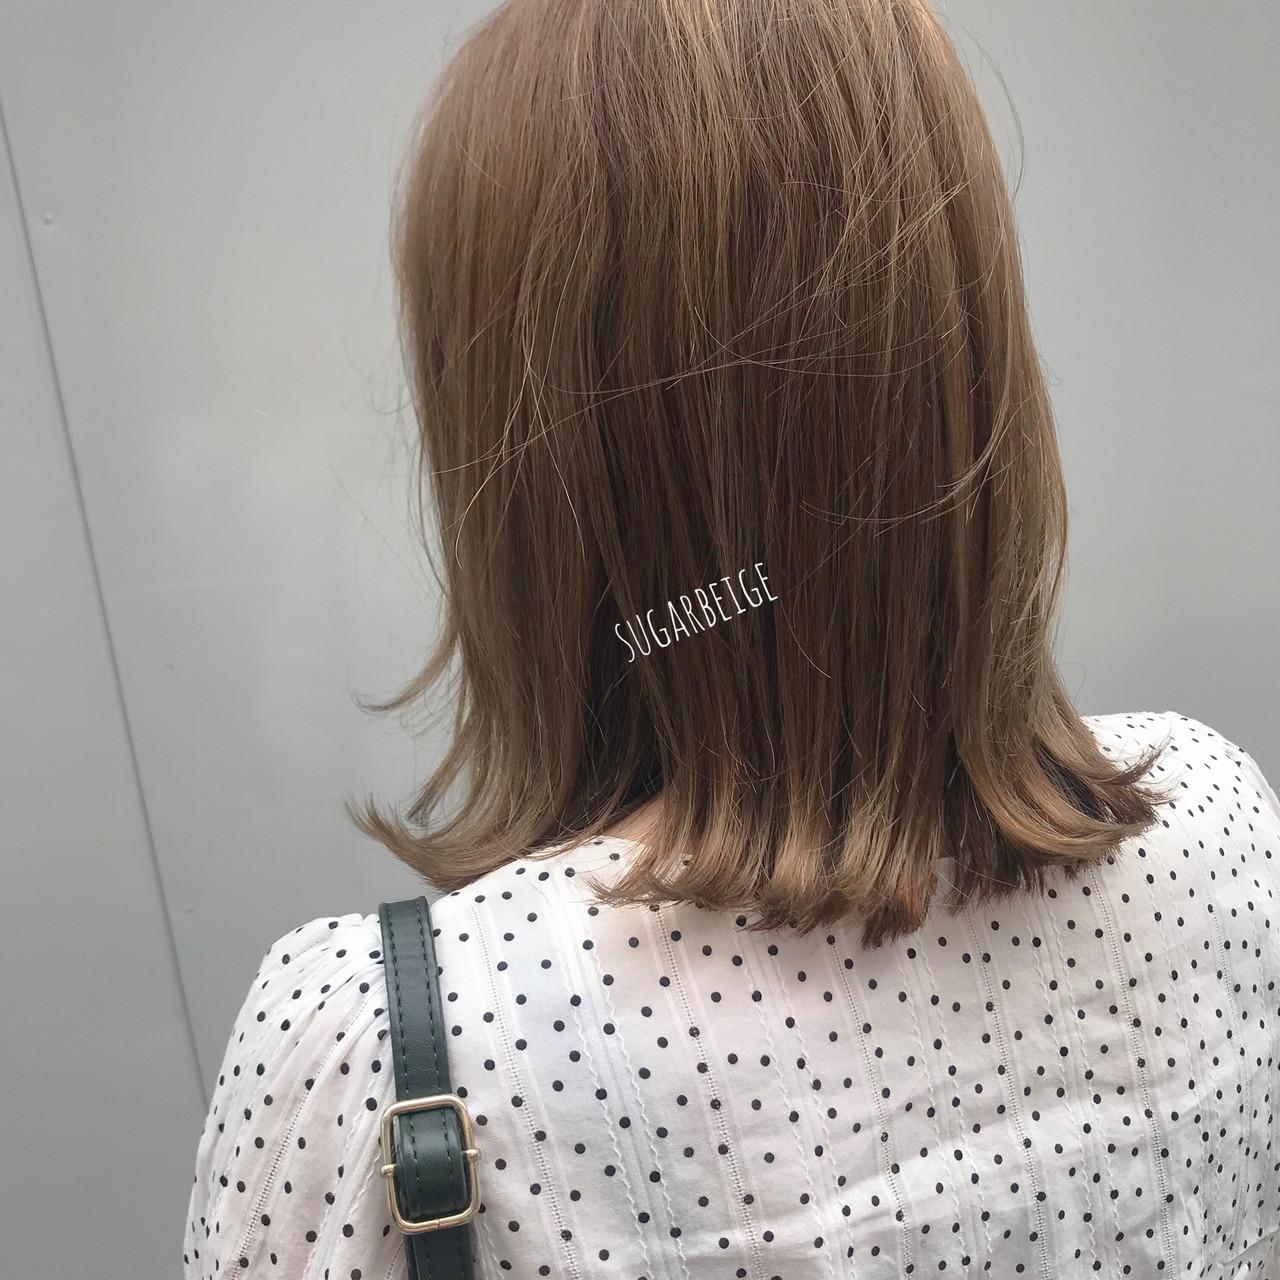 ナチュラル 簡単ヘアアレンジ ミルクティーベージュ シナモンベージュヘアスタイルや髪型の写真・画像